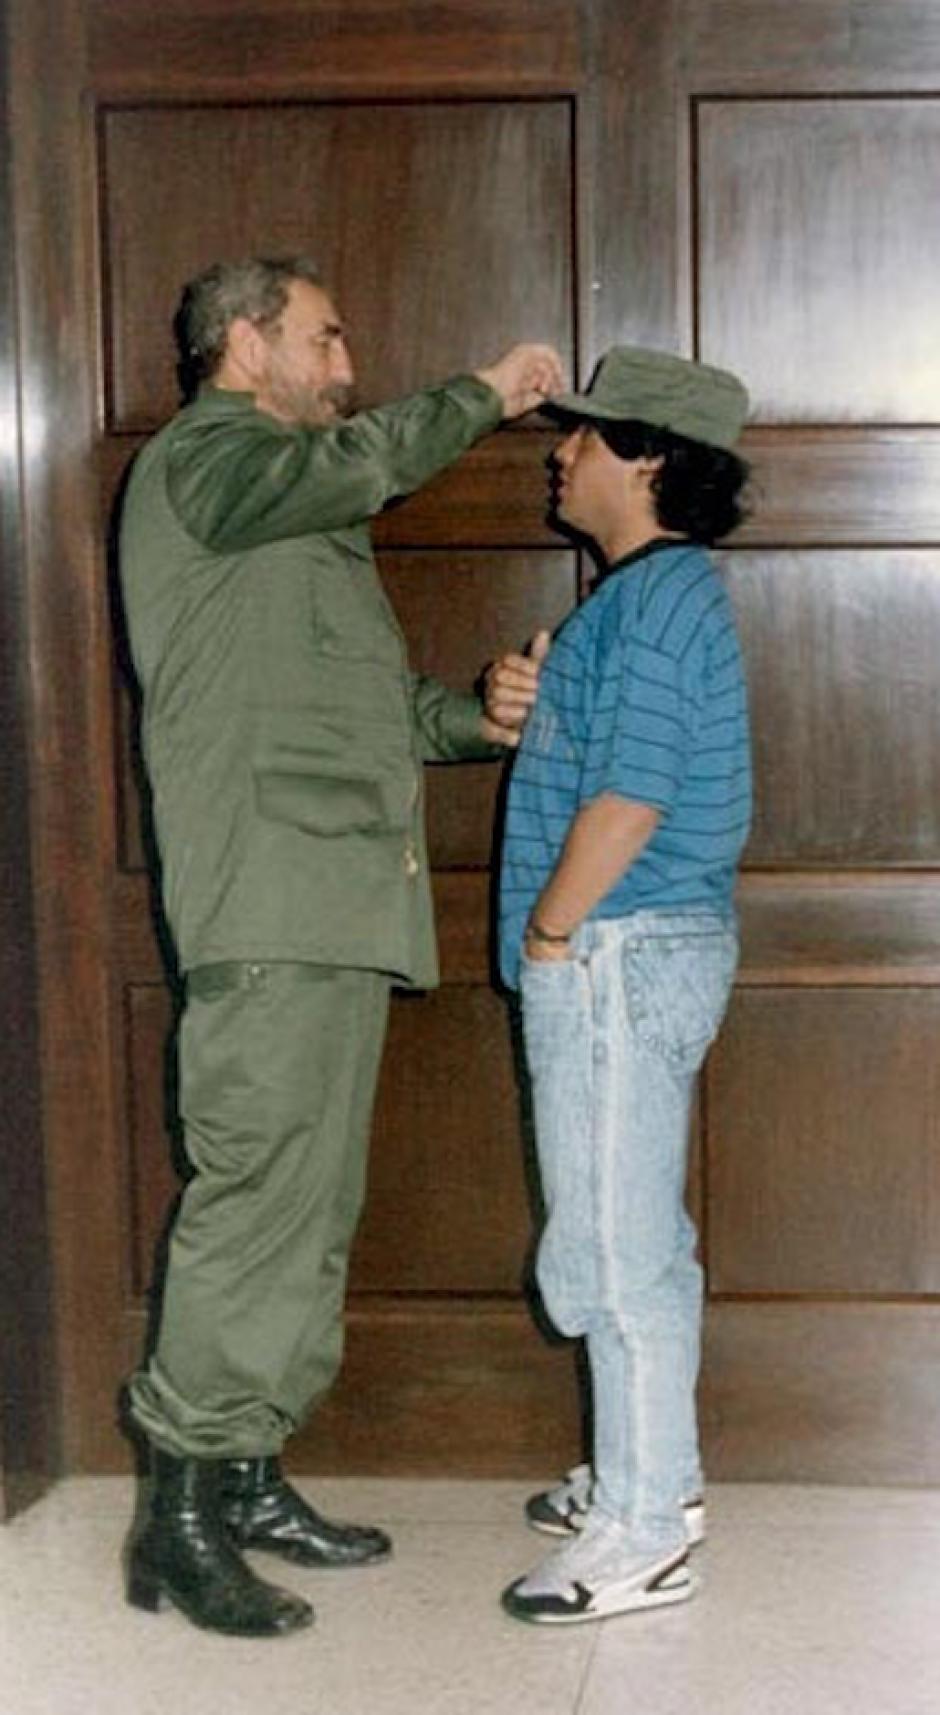 Afirma que tuvieron una relación de padre a hijo. (Foto: Maradona retro pics)